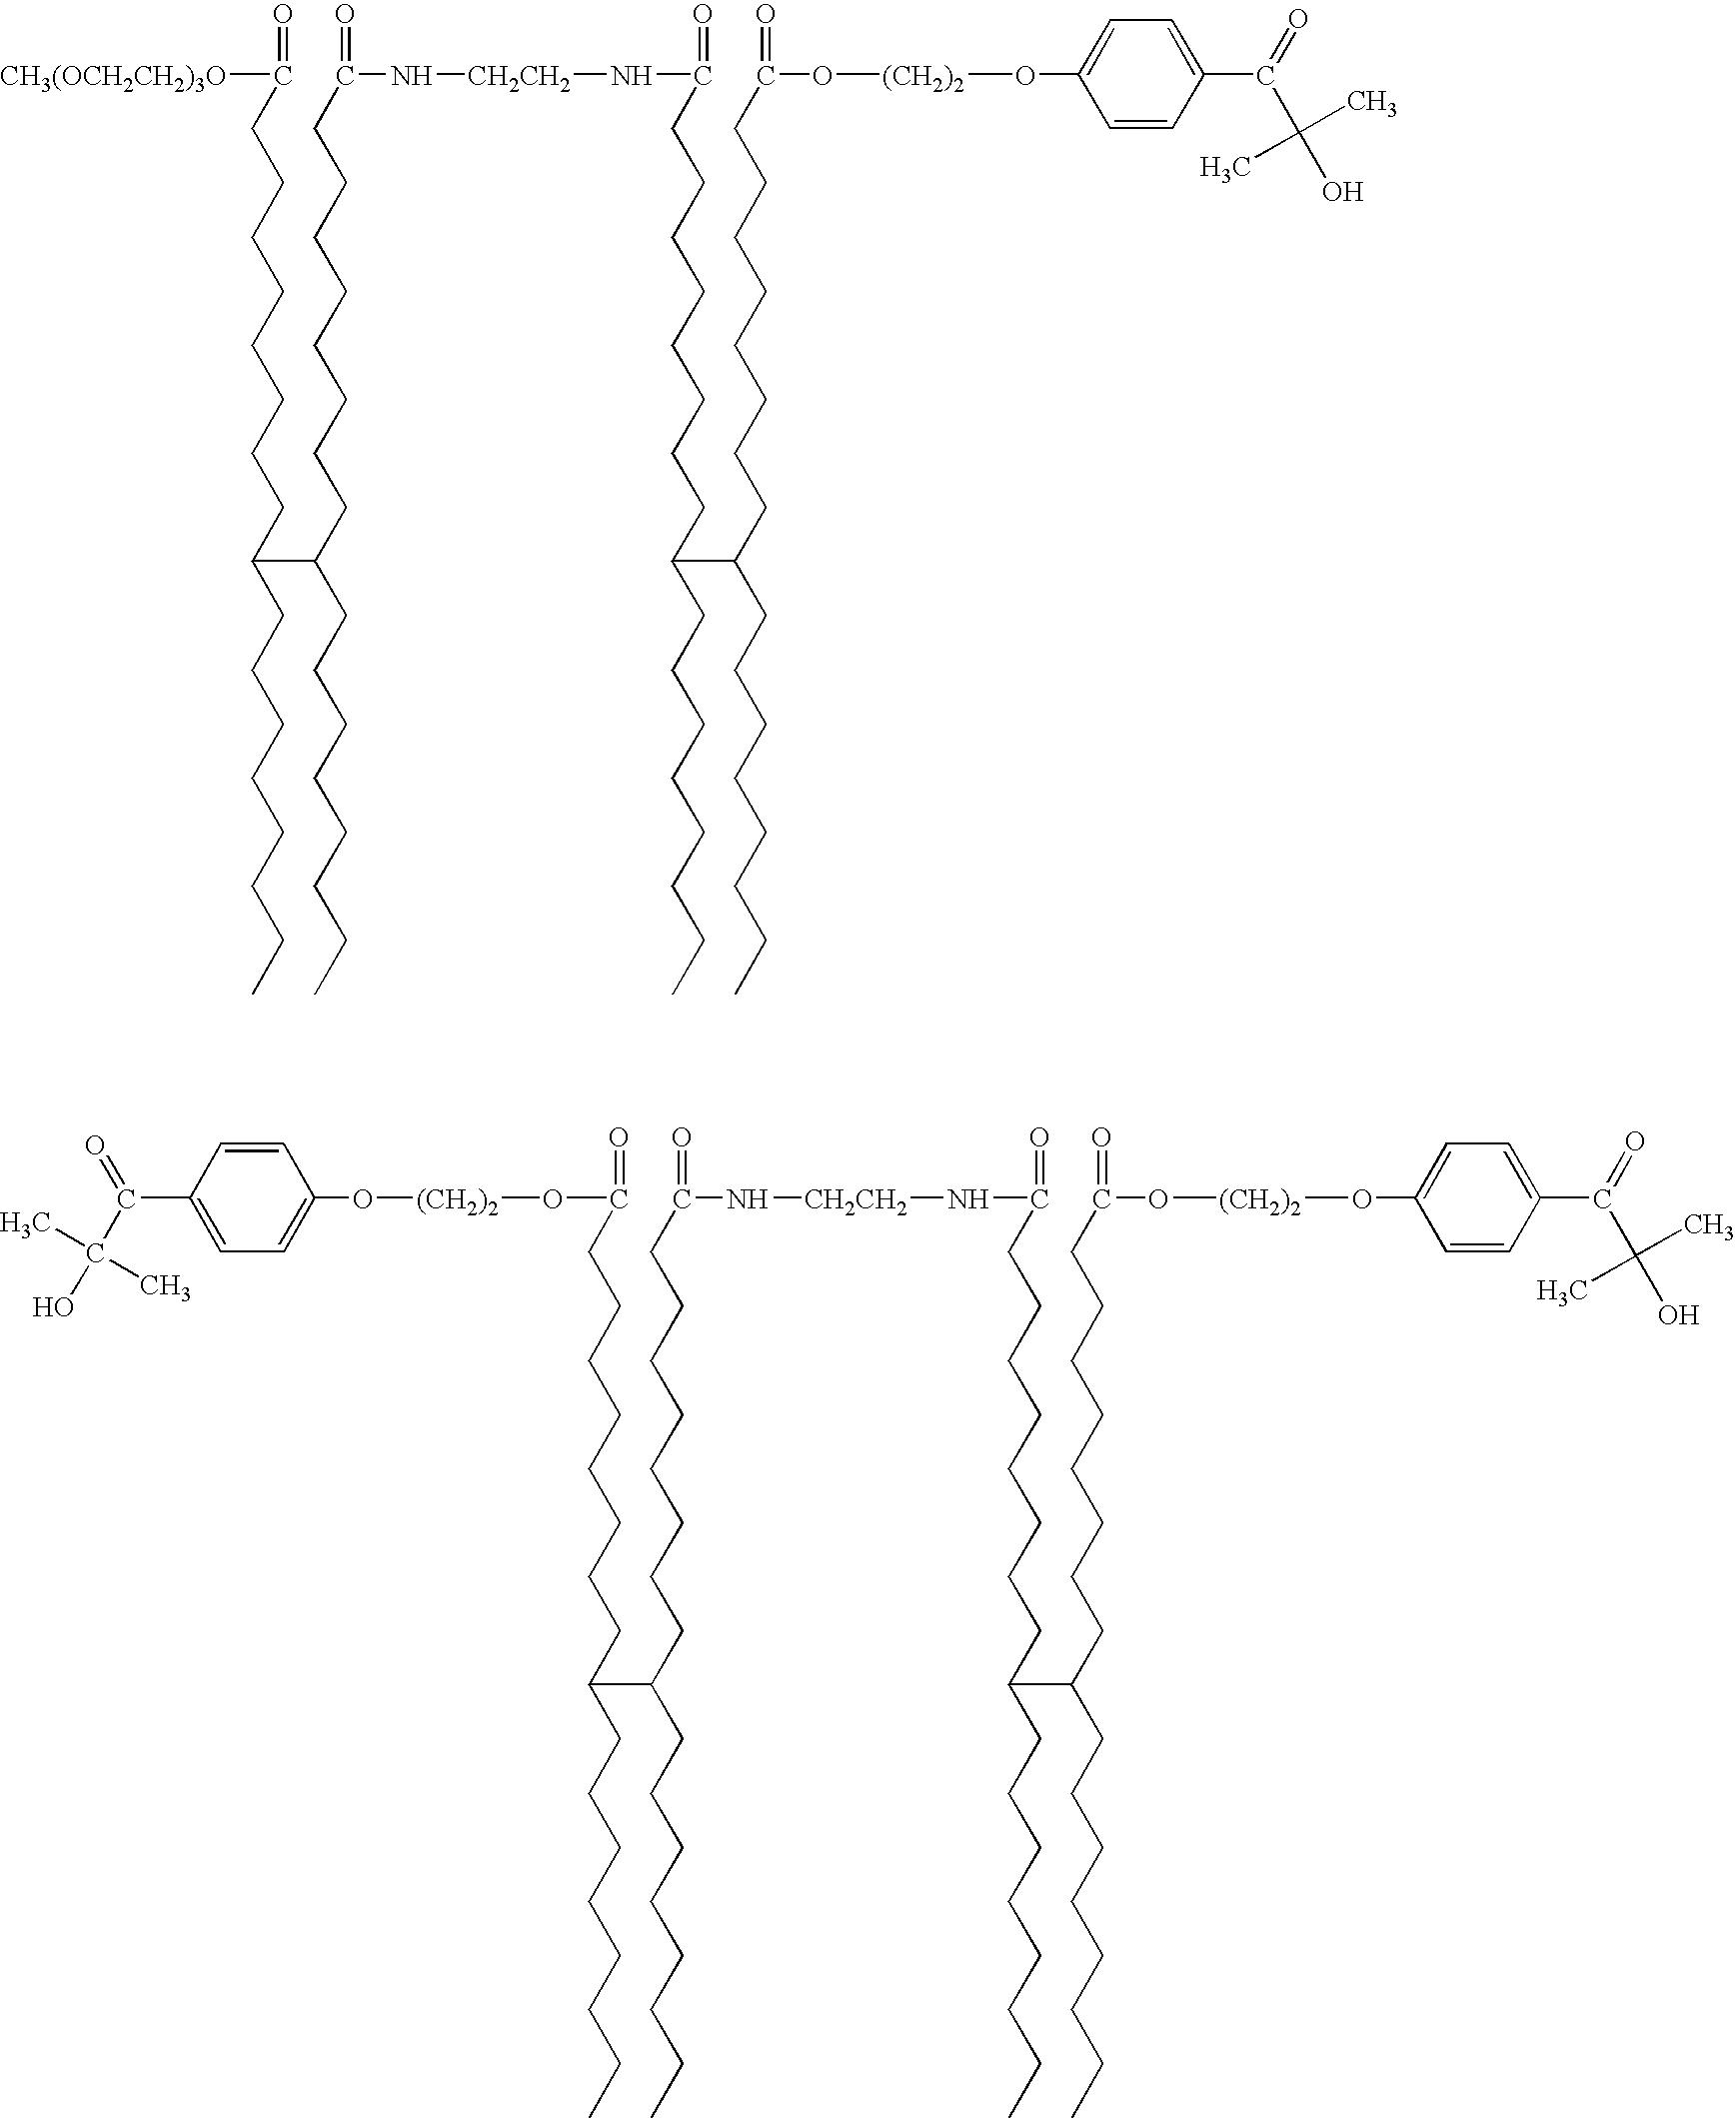 Figure US07279587-20071009-C00053